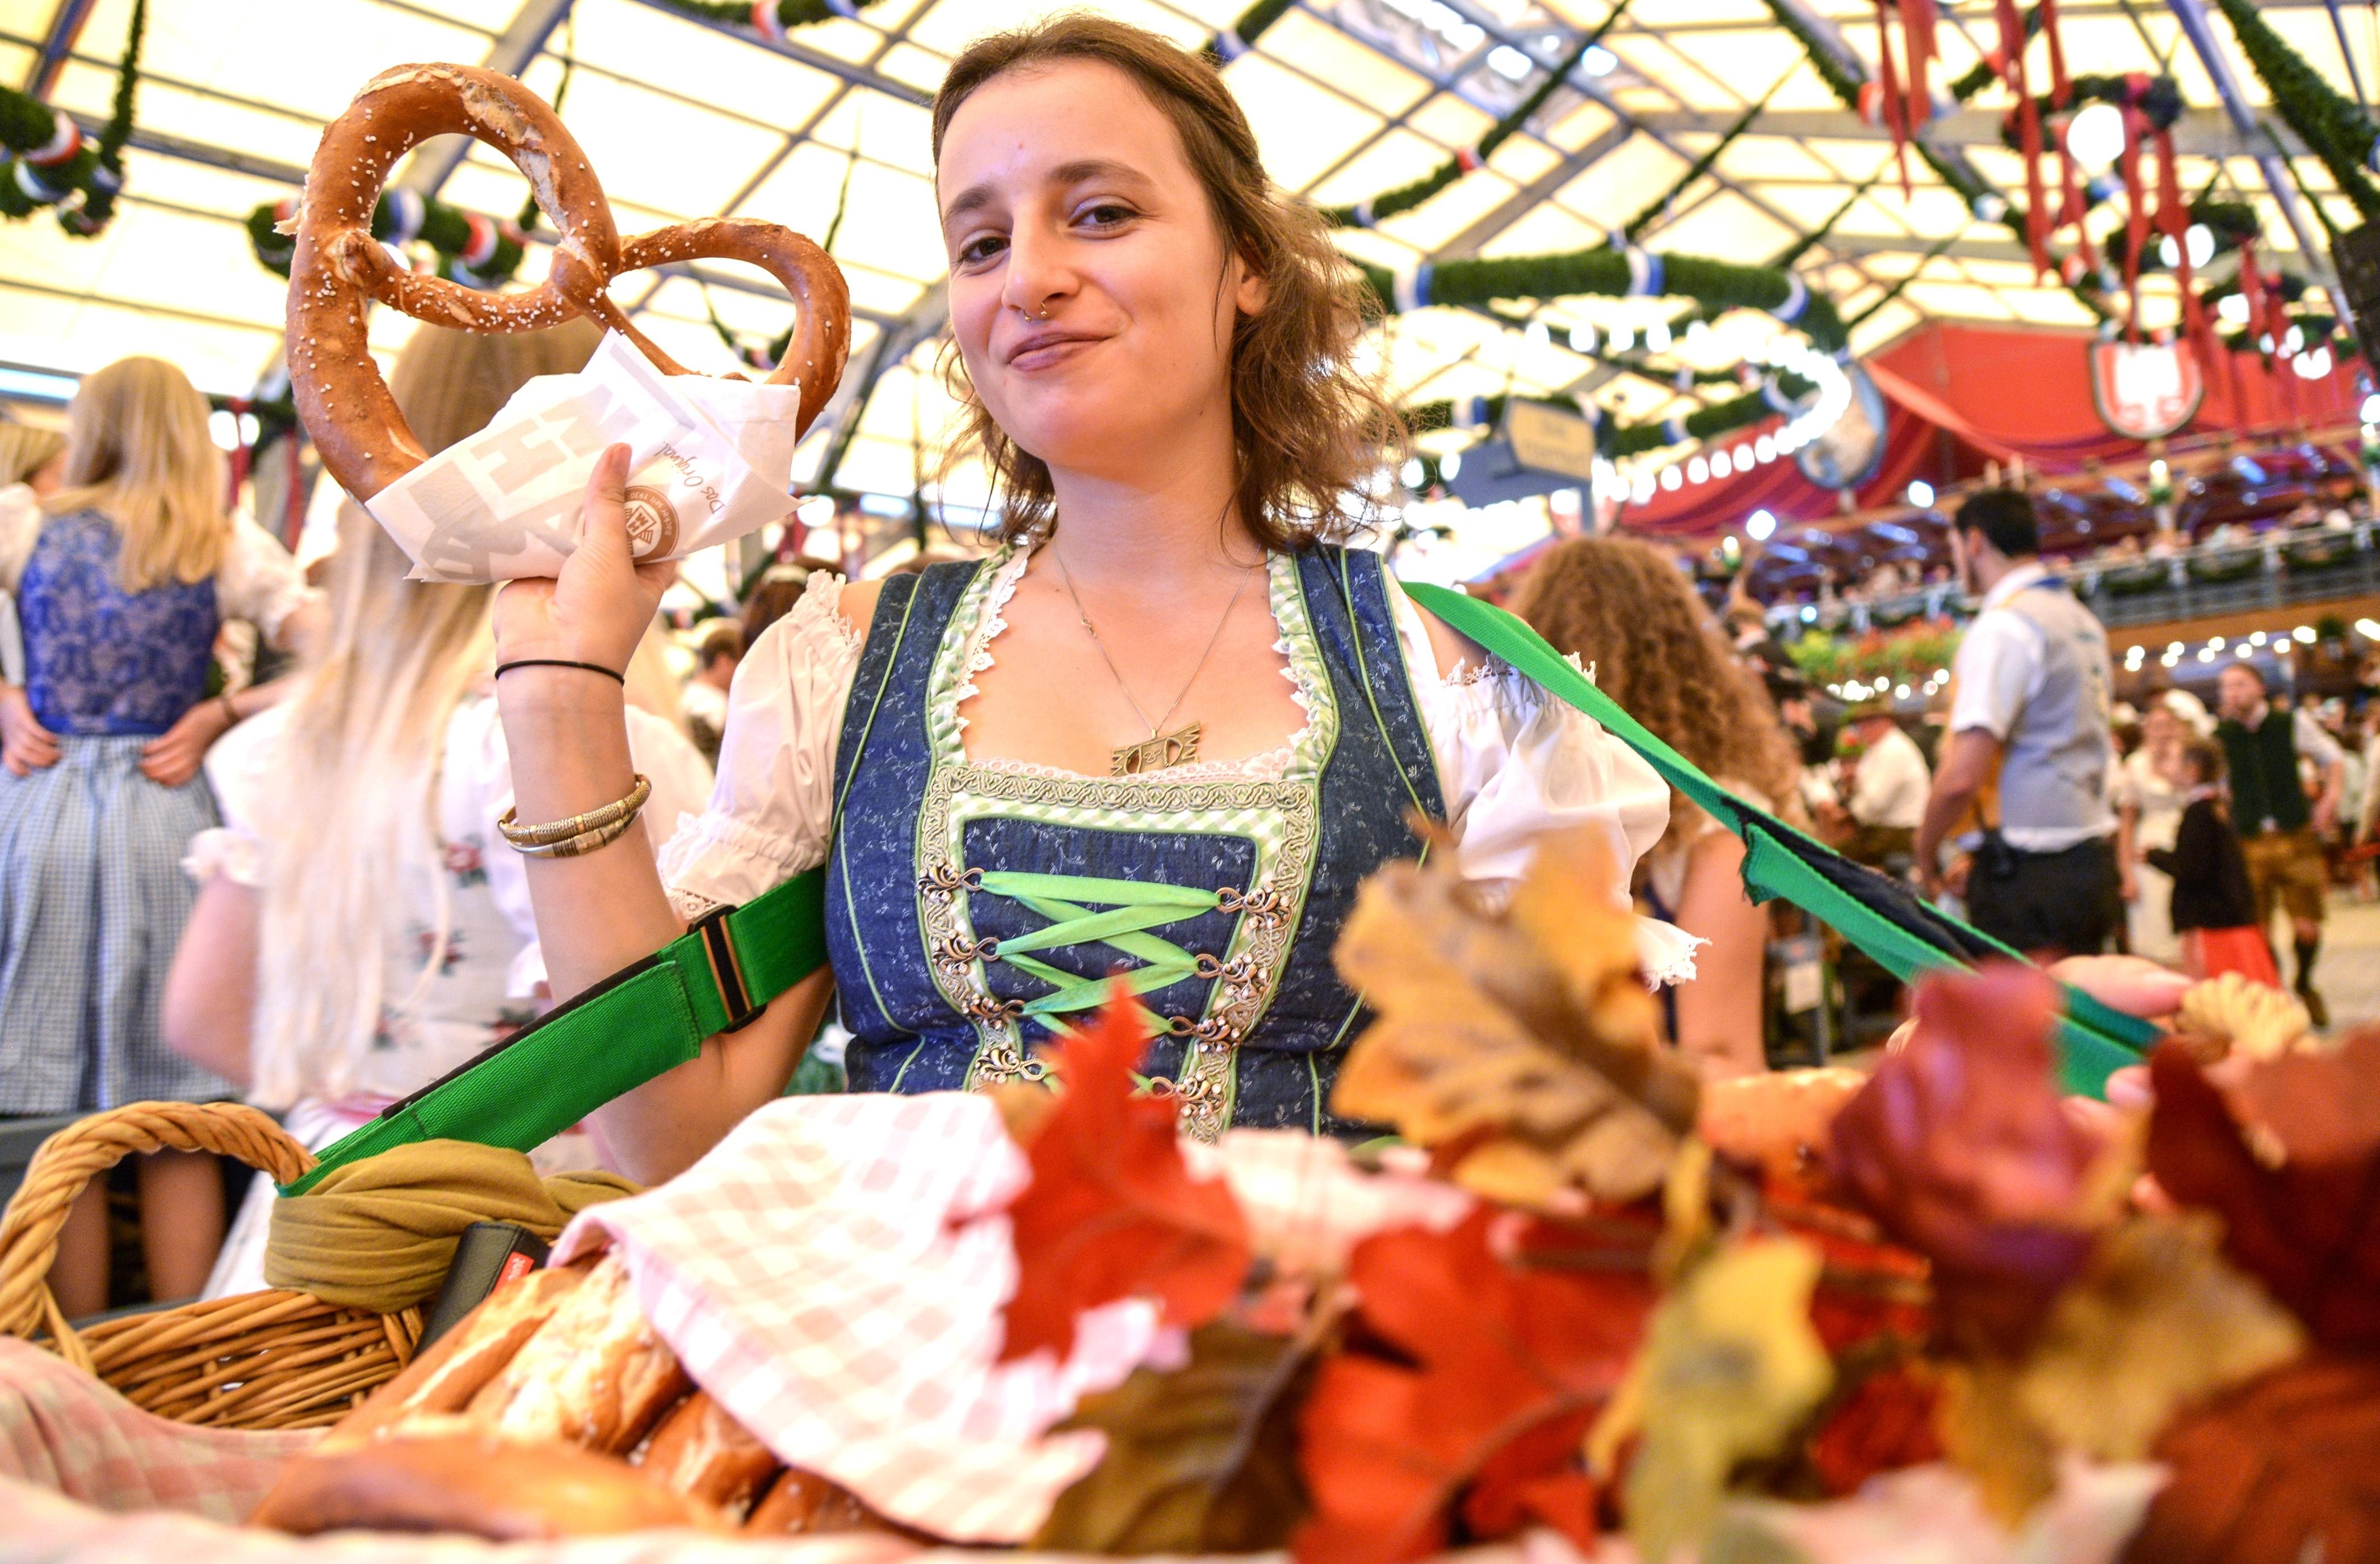 Официантка разносит еду. Фото: © РИА Новости / Алексей Витвицкий